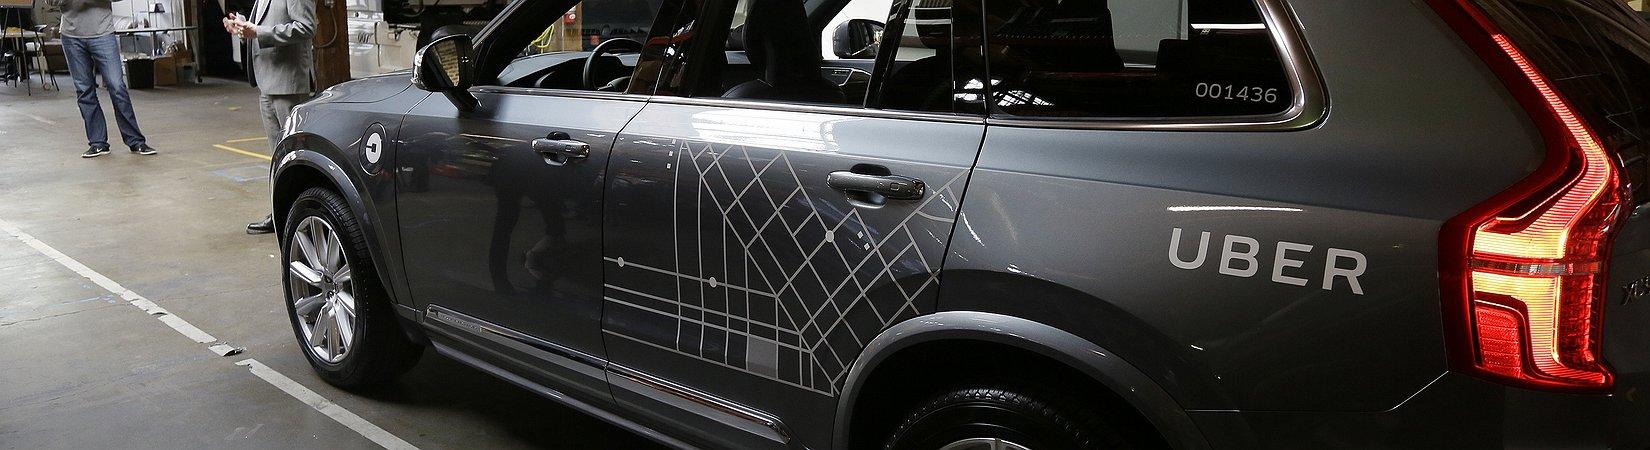 Uber admitiu ciberataque que envolveu dados de 57 milhões de utilizadores